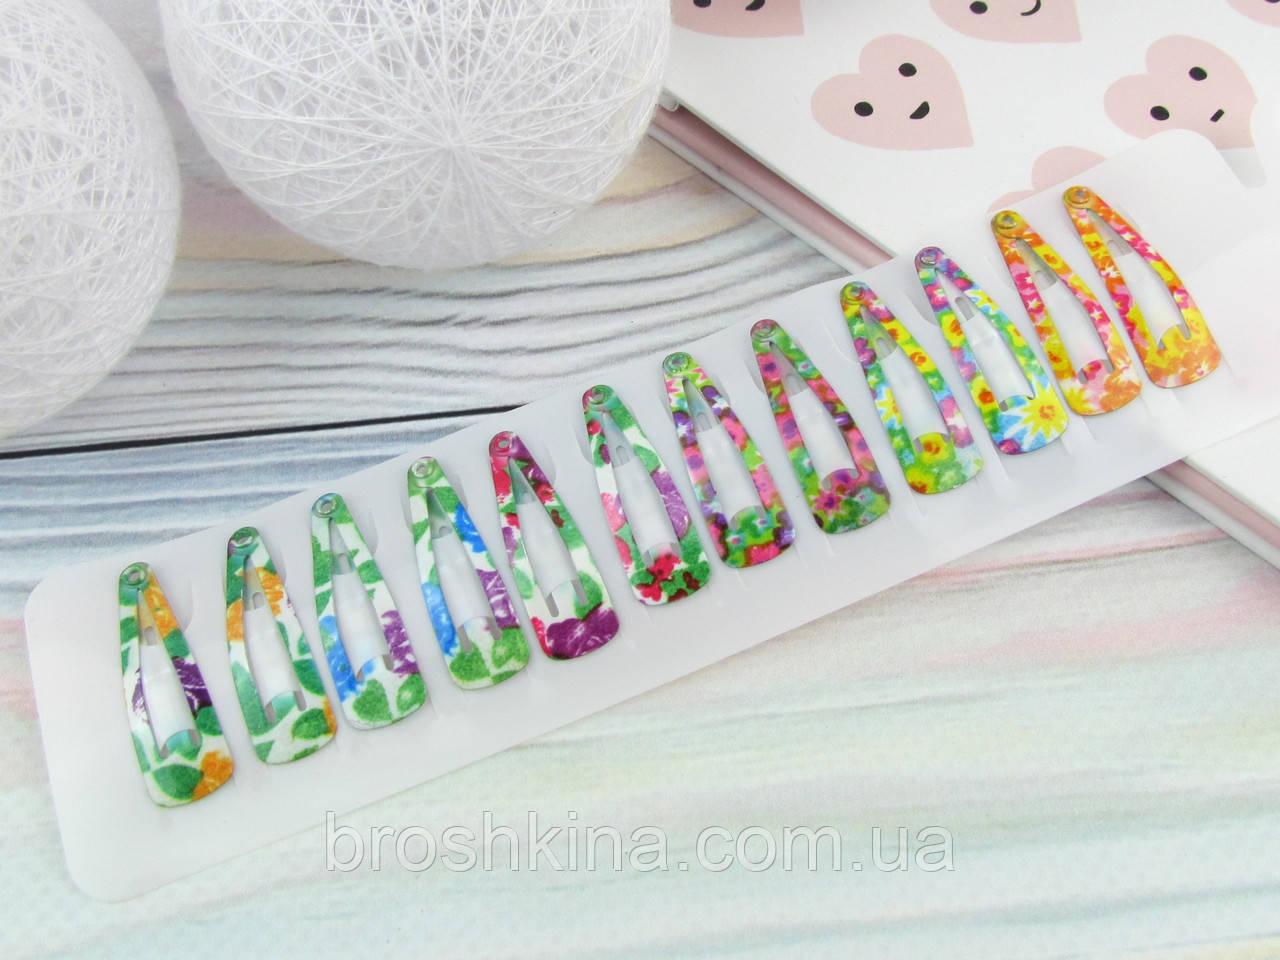 Детские заколки тик-так 3 см цветочки 12 шт. на ленте